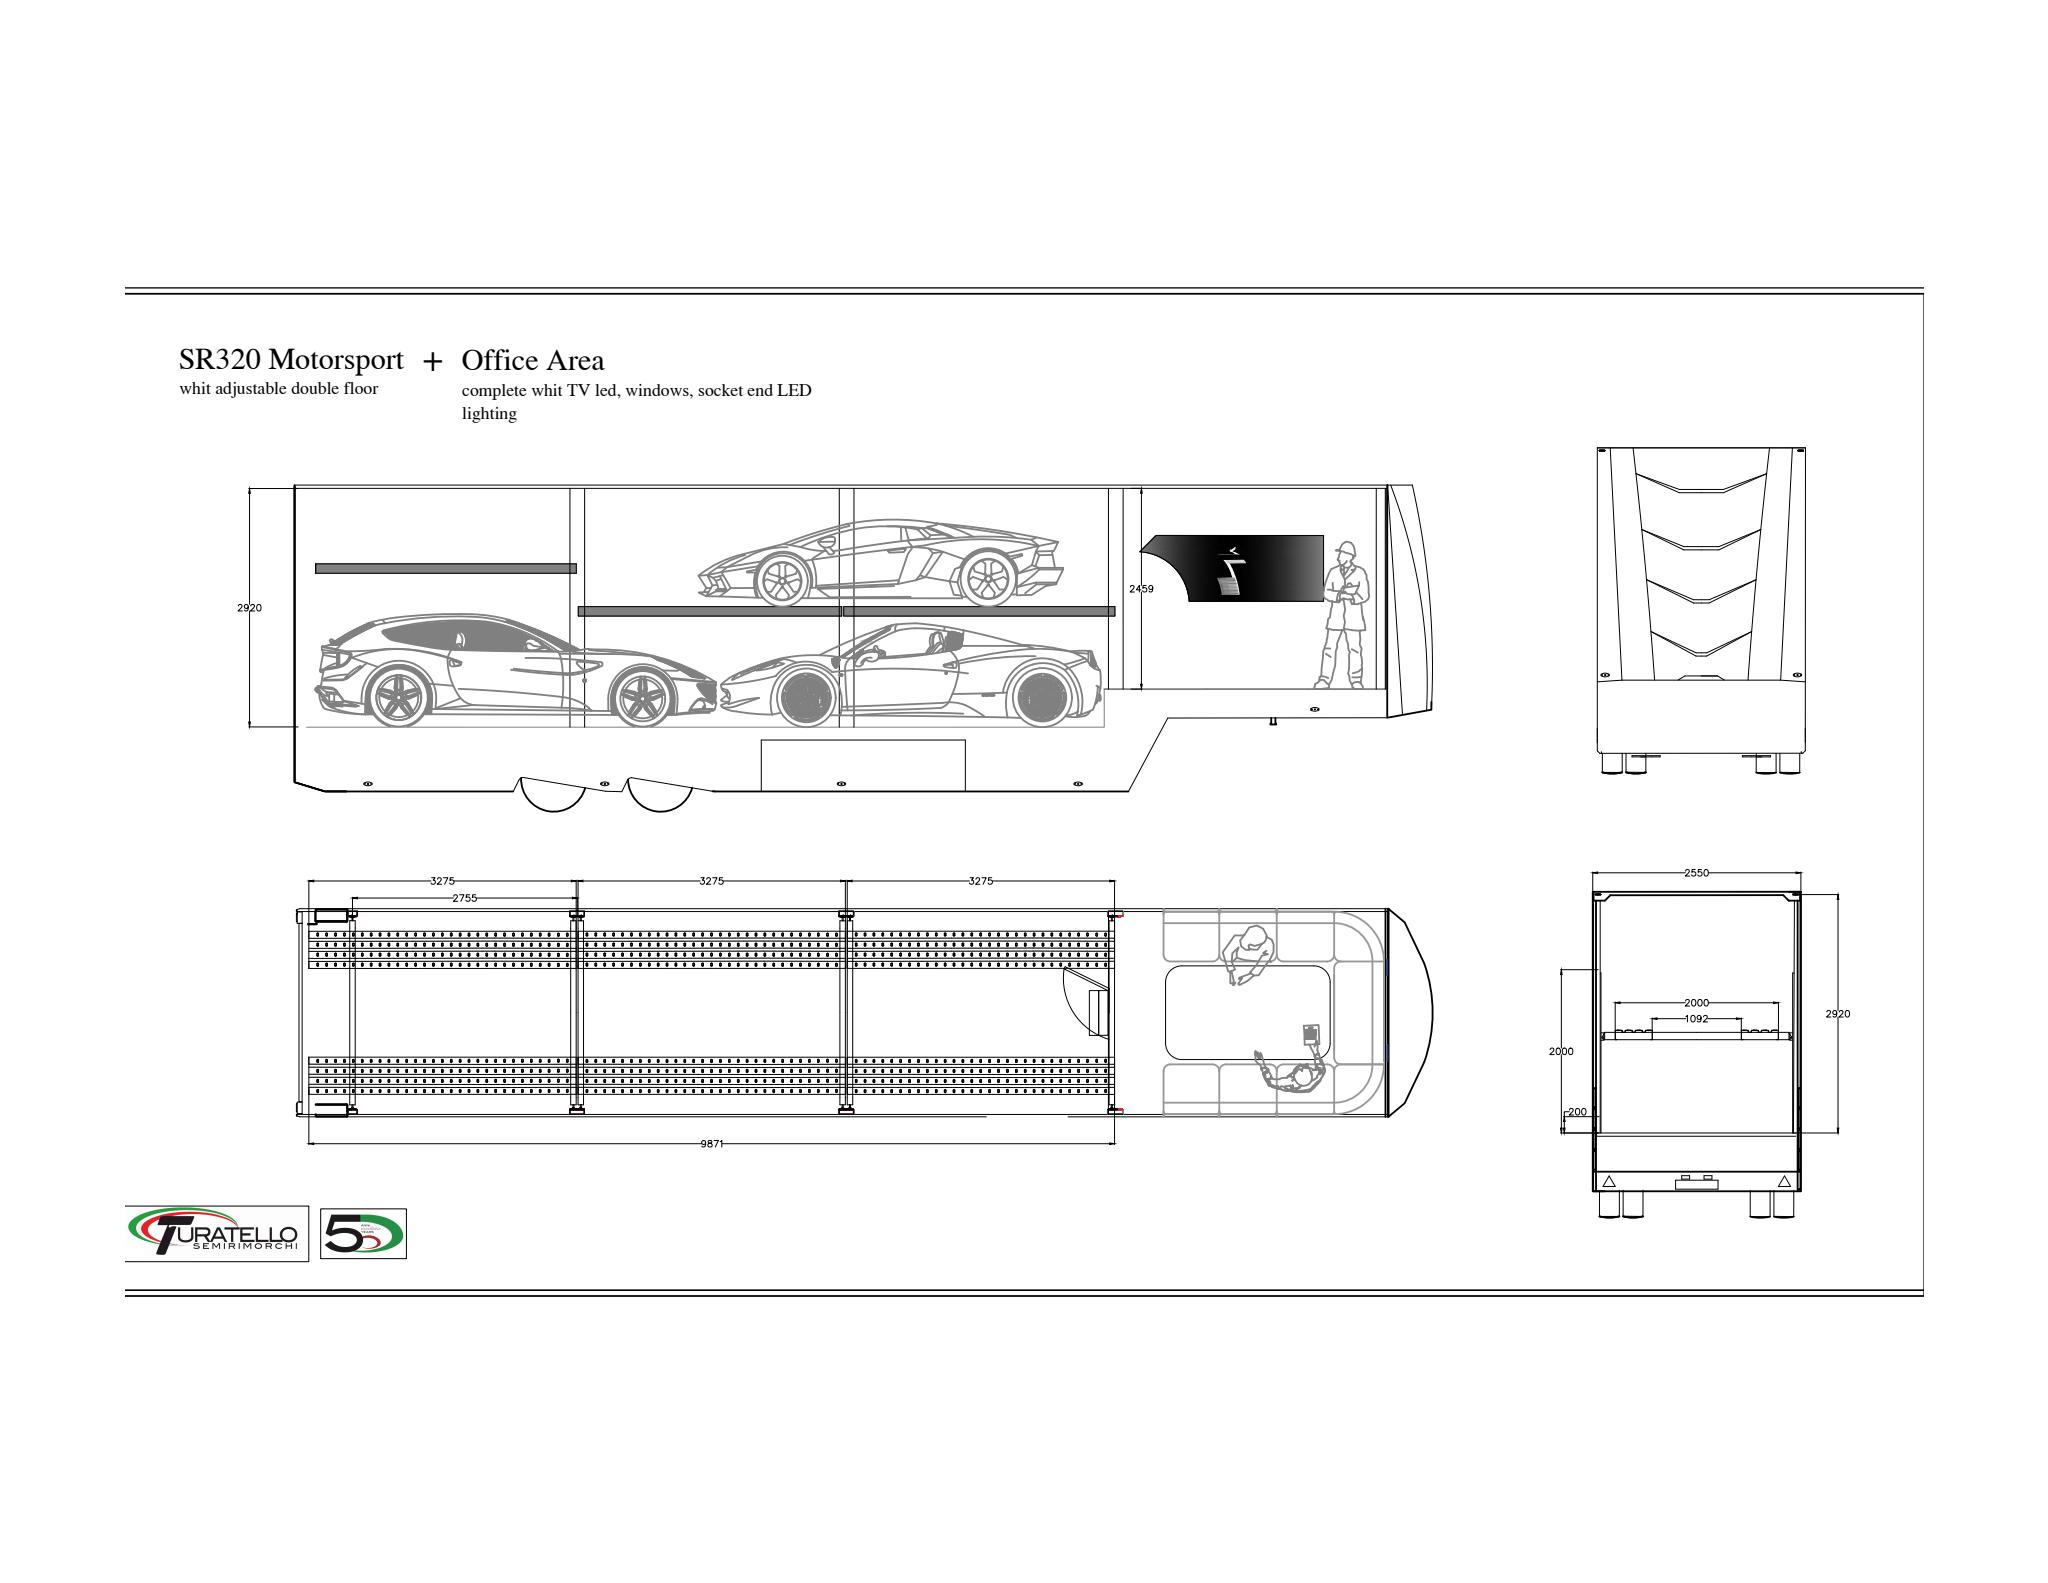 Sr320 Motorsport Office